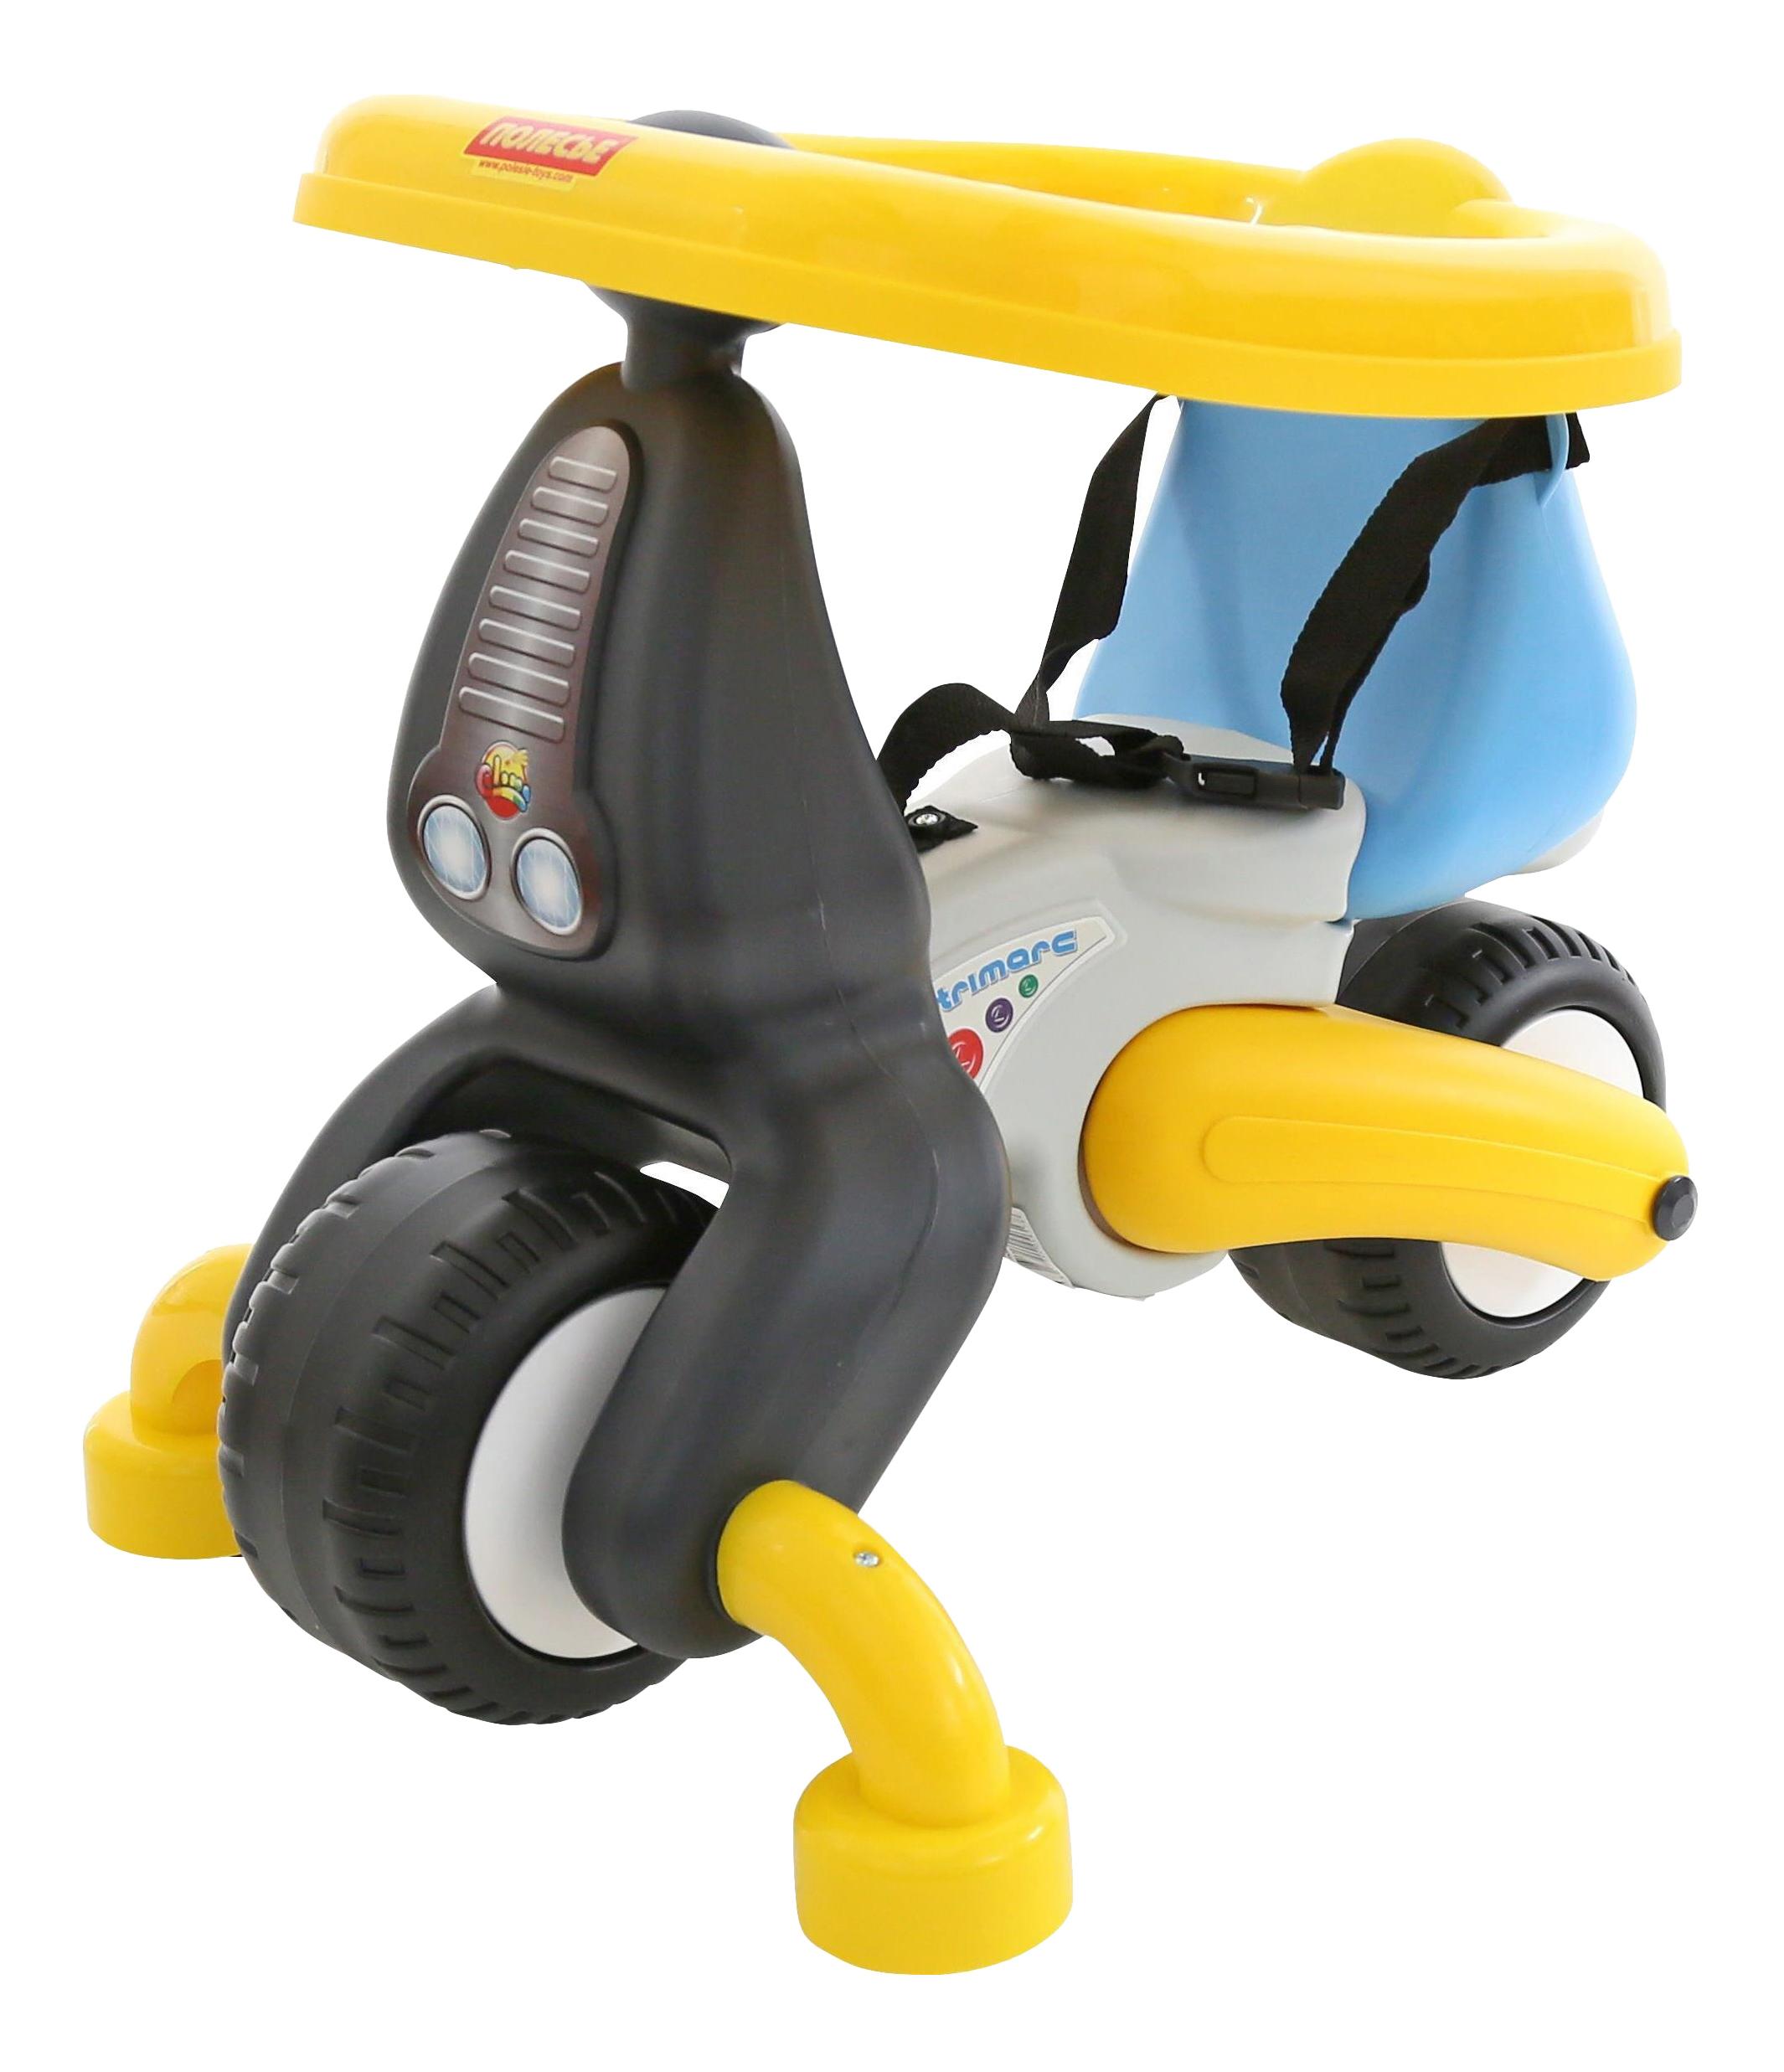 Купить Средняя, Каталка детская Полесье Тримарк с панелью, Каталки мотоциклы